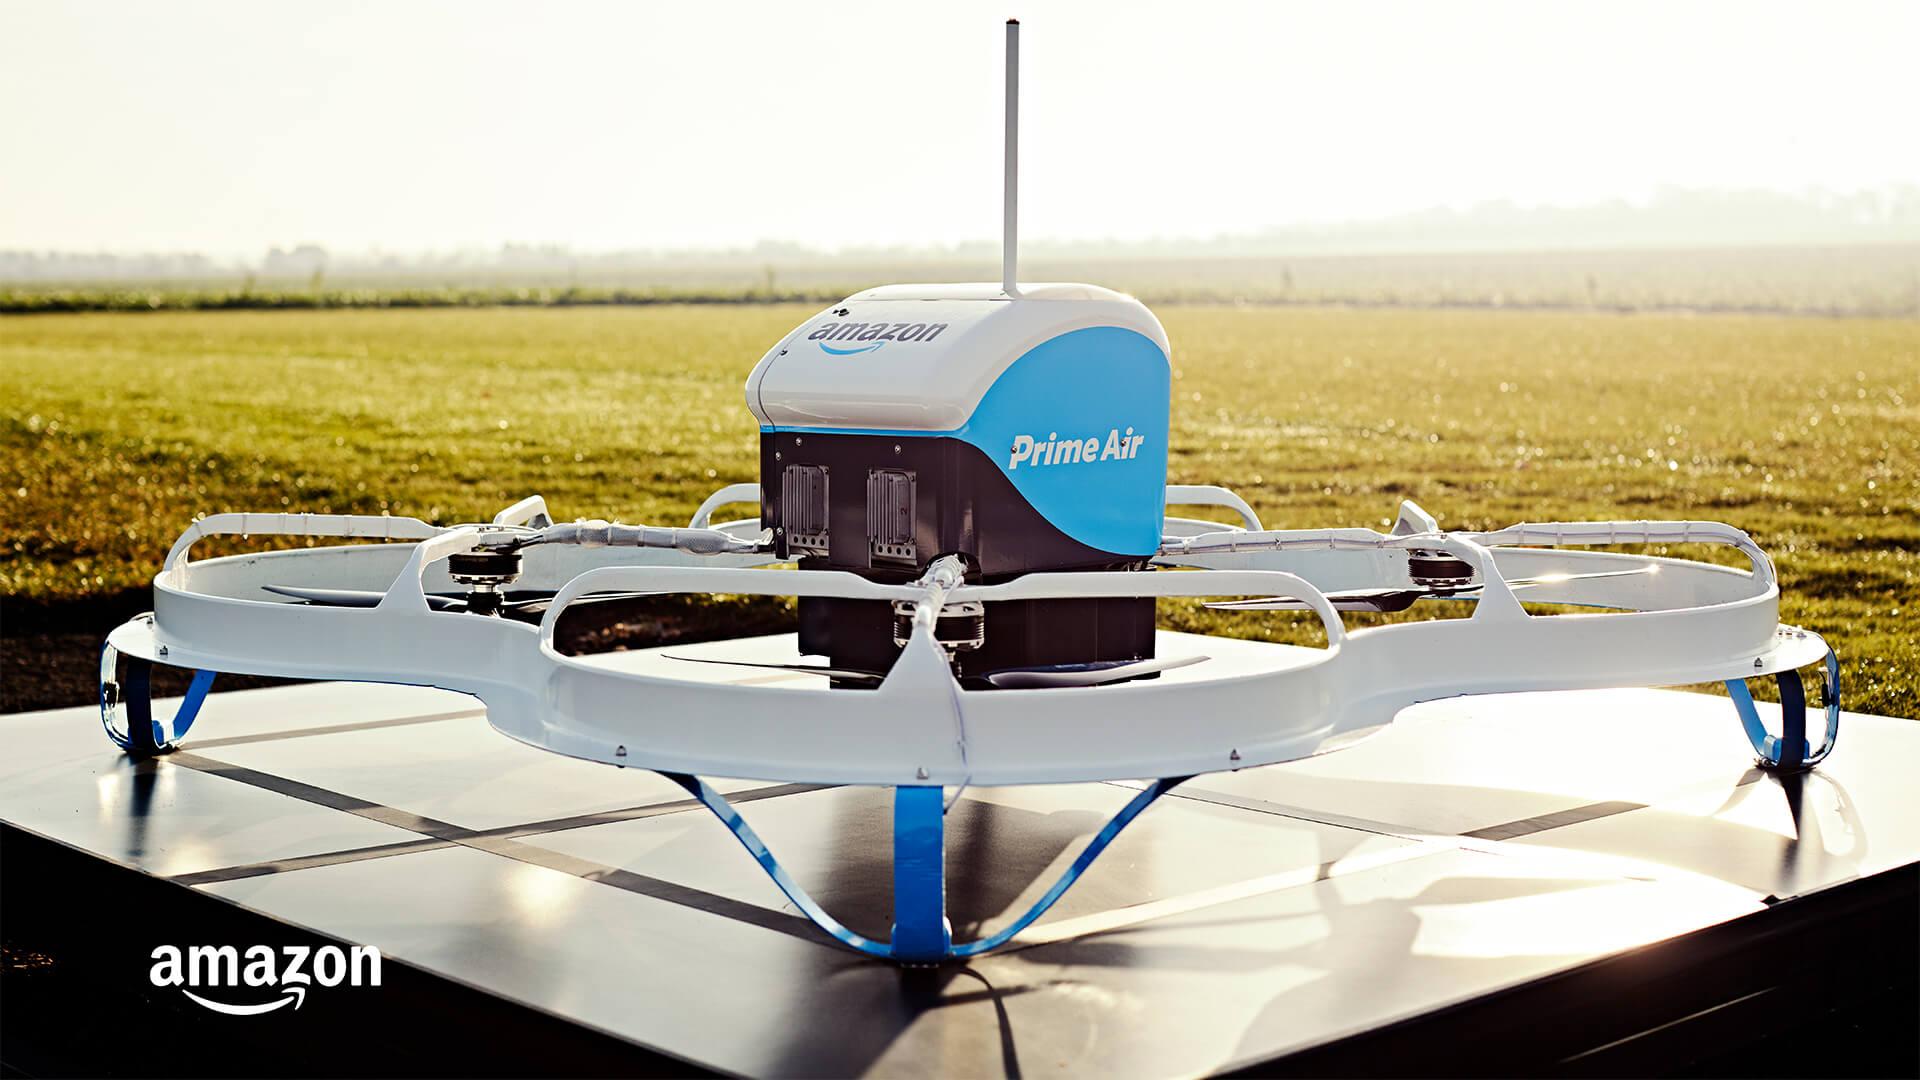 amazon-prime-air-drone1-1920